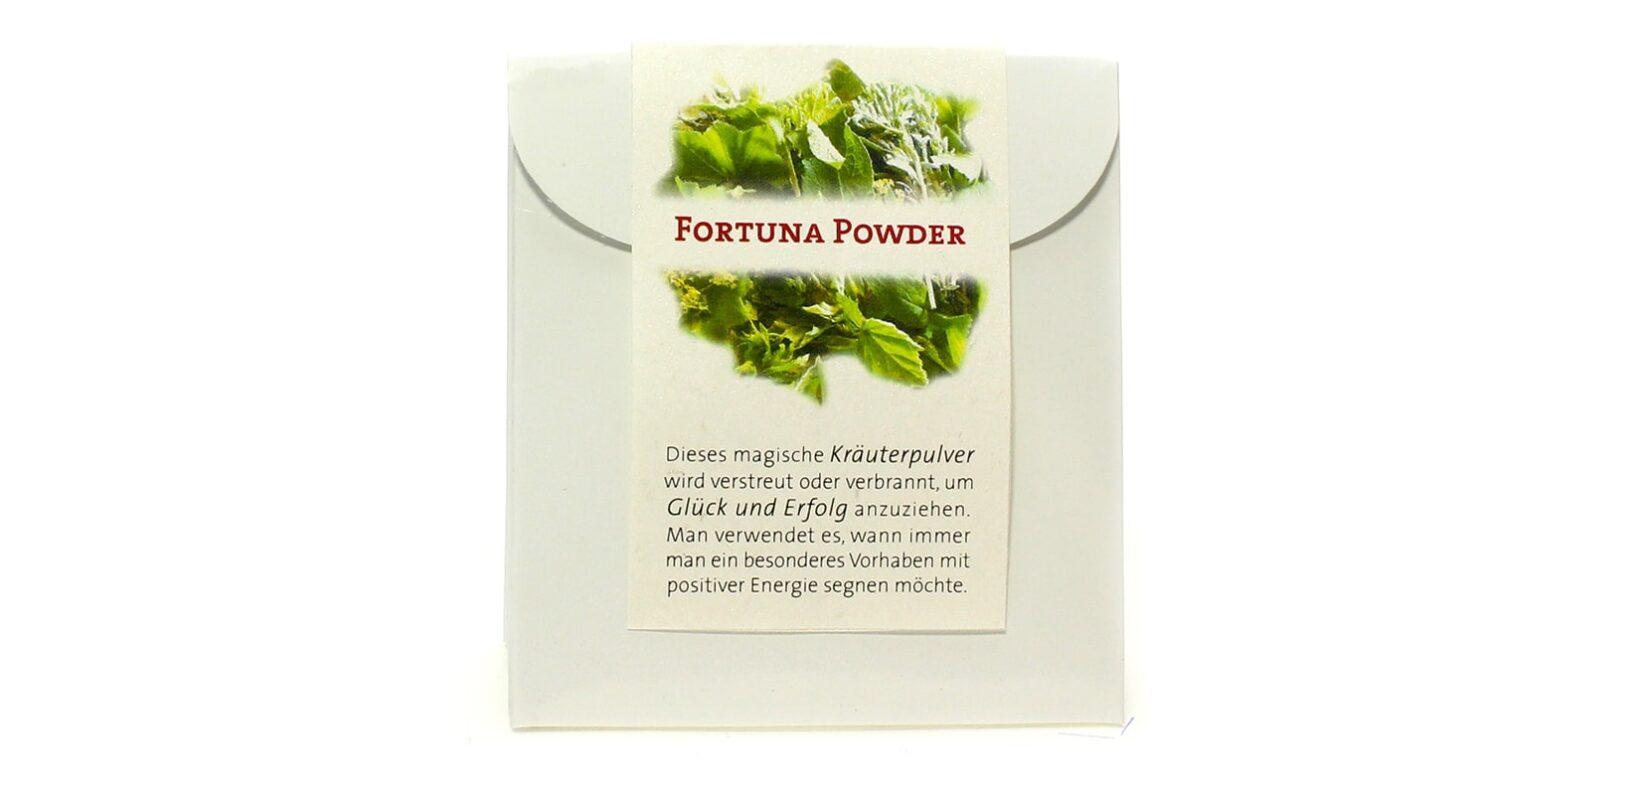 Fortuna Powder Glückspulver